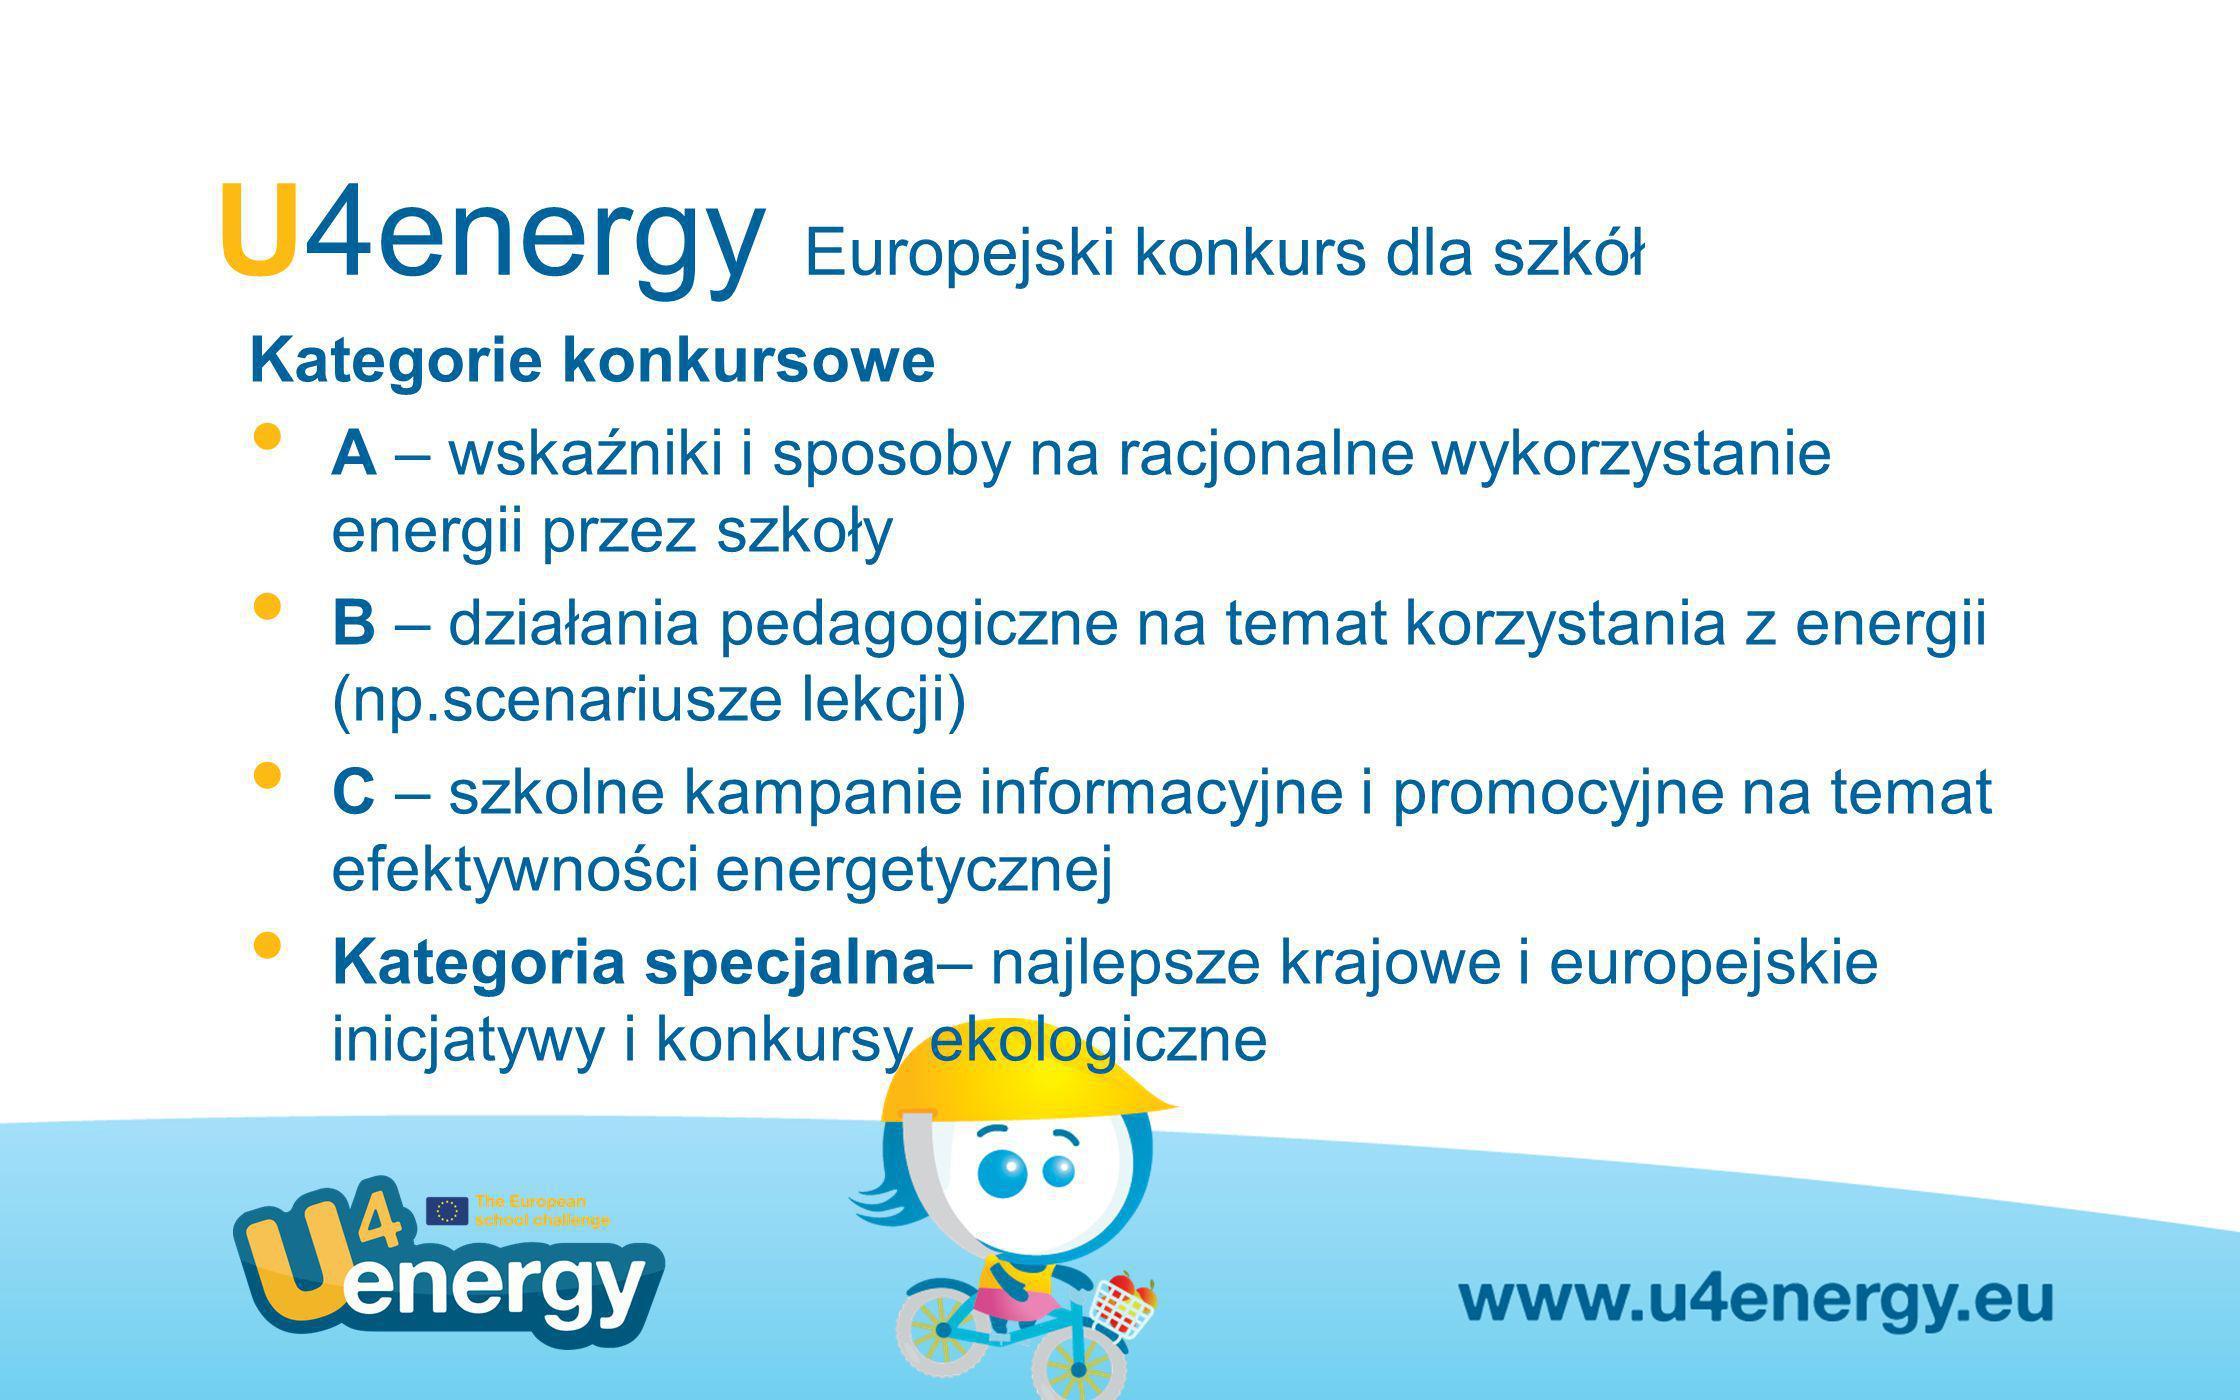 U4energy Europejski konkurs dla szkół szkoły Lokalne społeczności i władze (samorządy) Sponsorzy, organizacje NGO i media 27 krajów UE + Norwegia, Chorwacja, Islandia, Lichtenstein Nauczyciele i uczniowie